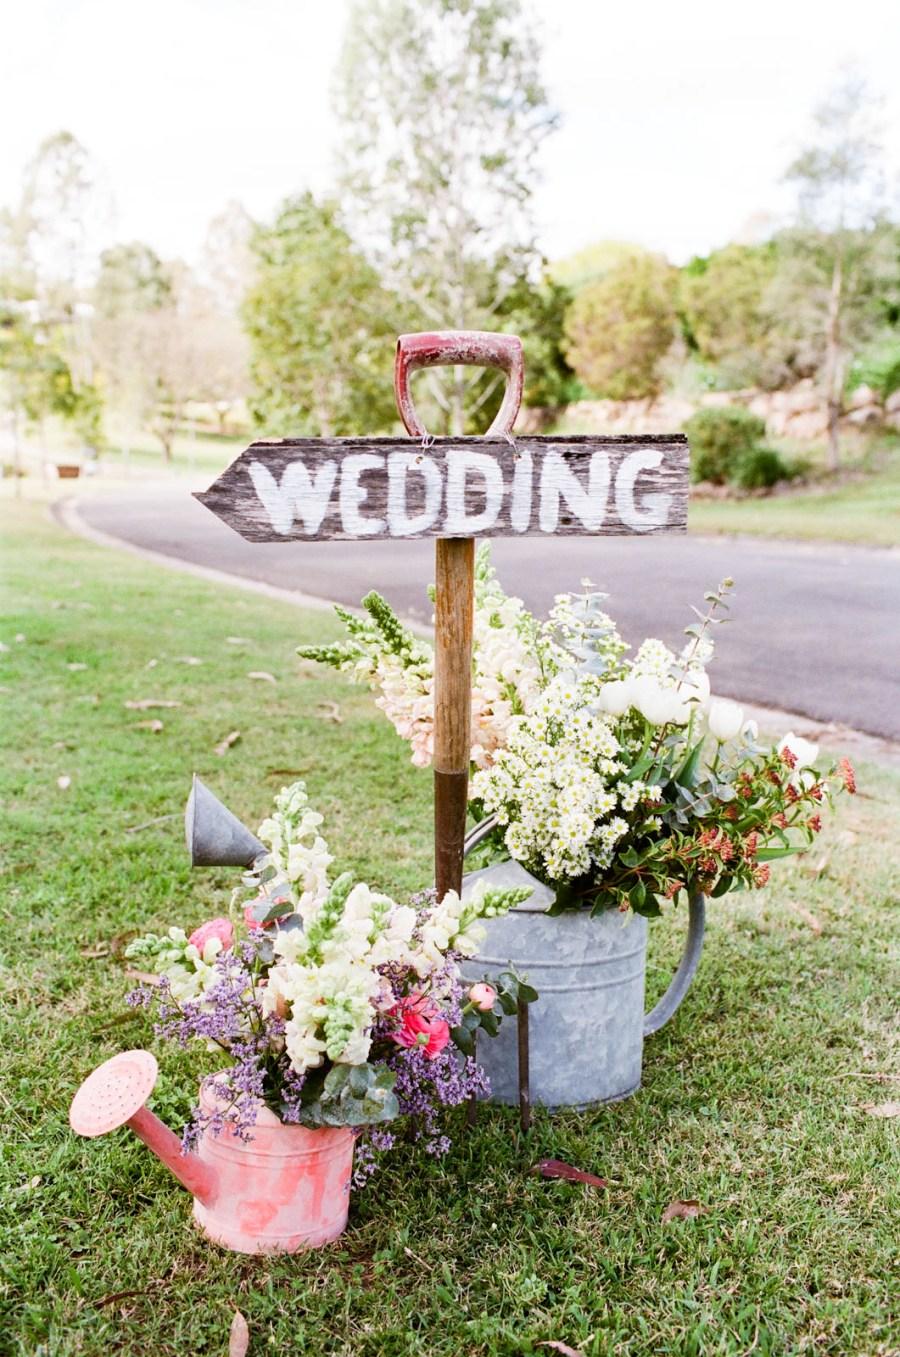 decorazioni matrimonio country chic